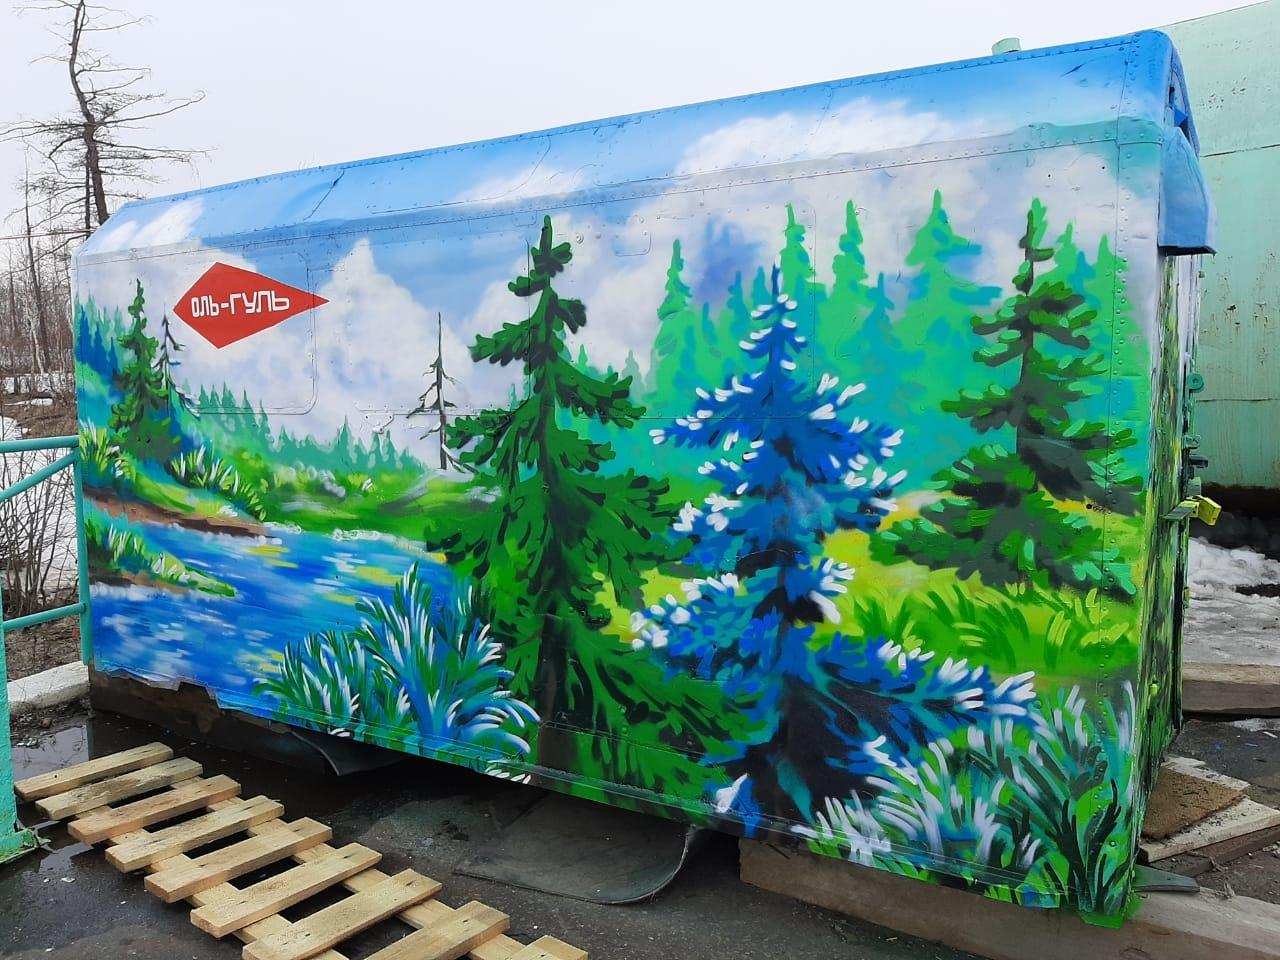 Фасады хозяйственного балка на «Оль-Гуле» украсила новая роспись